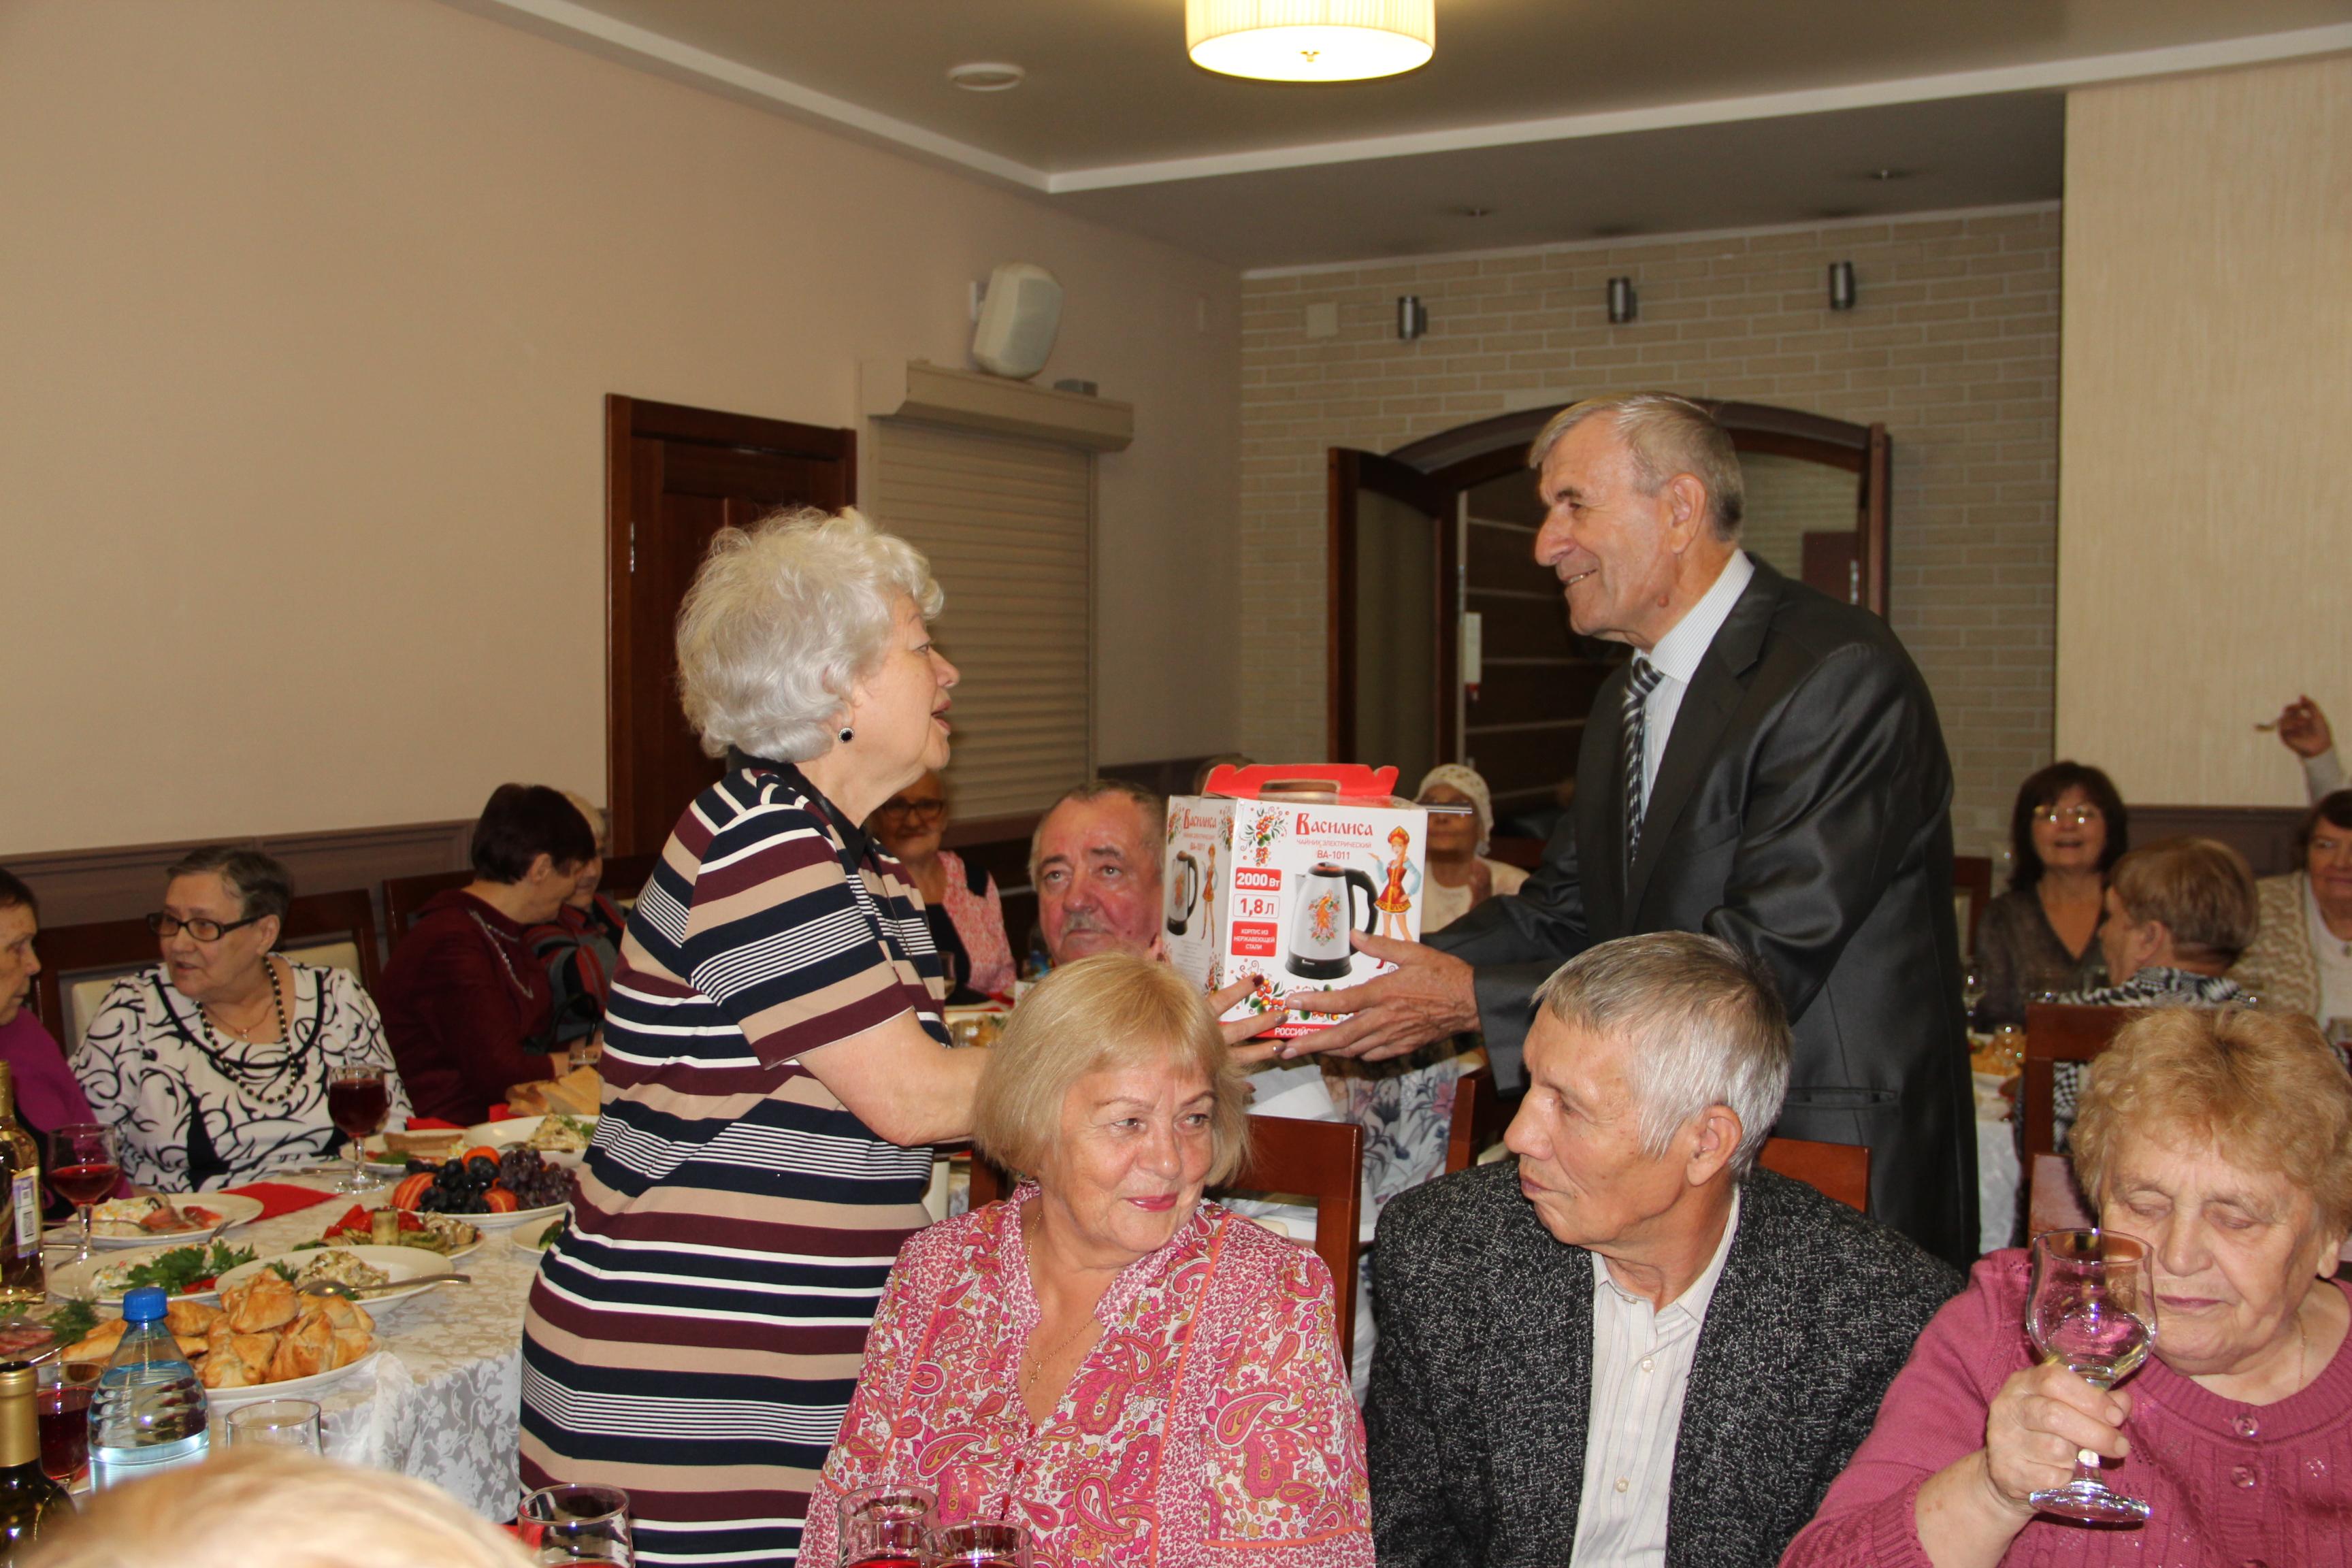 18 юбилярам, чей стаж работы превысил 20, были вручены памятные подарки за большой личный вклад в развитие ЖКХ города.